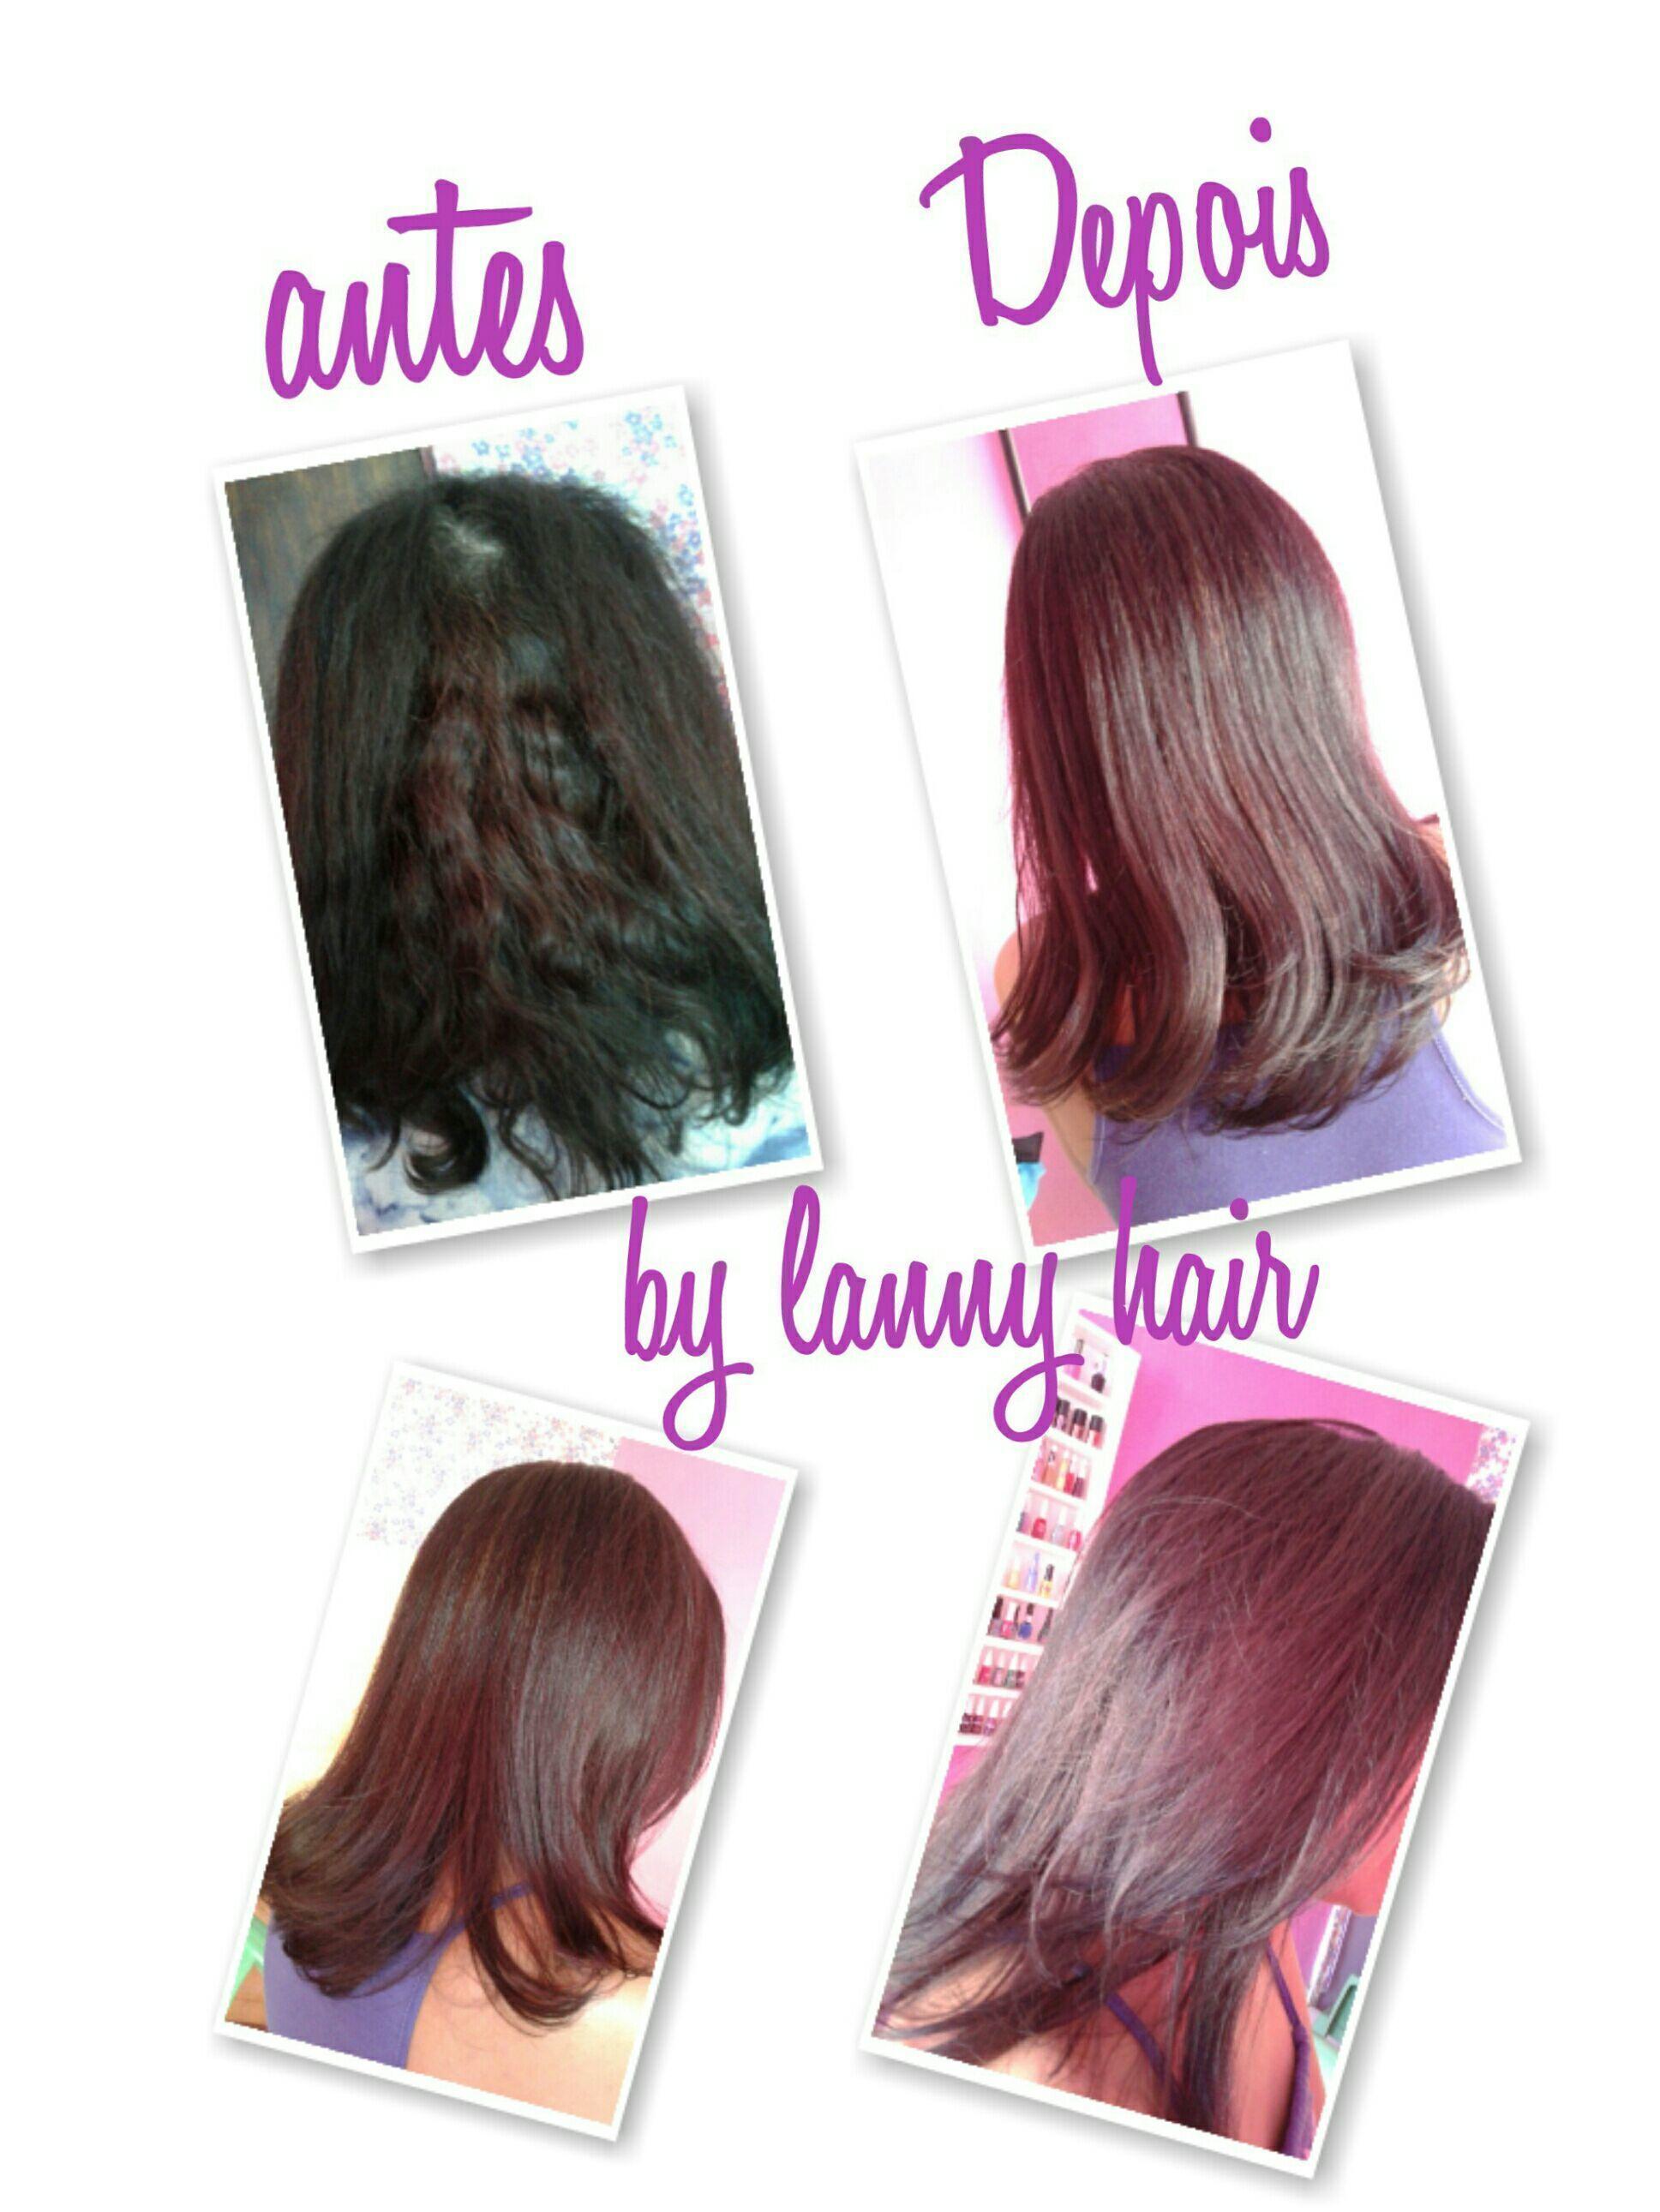 cabelo cabeleireiro(a) auxiliar cabeleireiro(a) cabeleireiro(a)